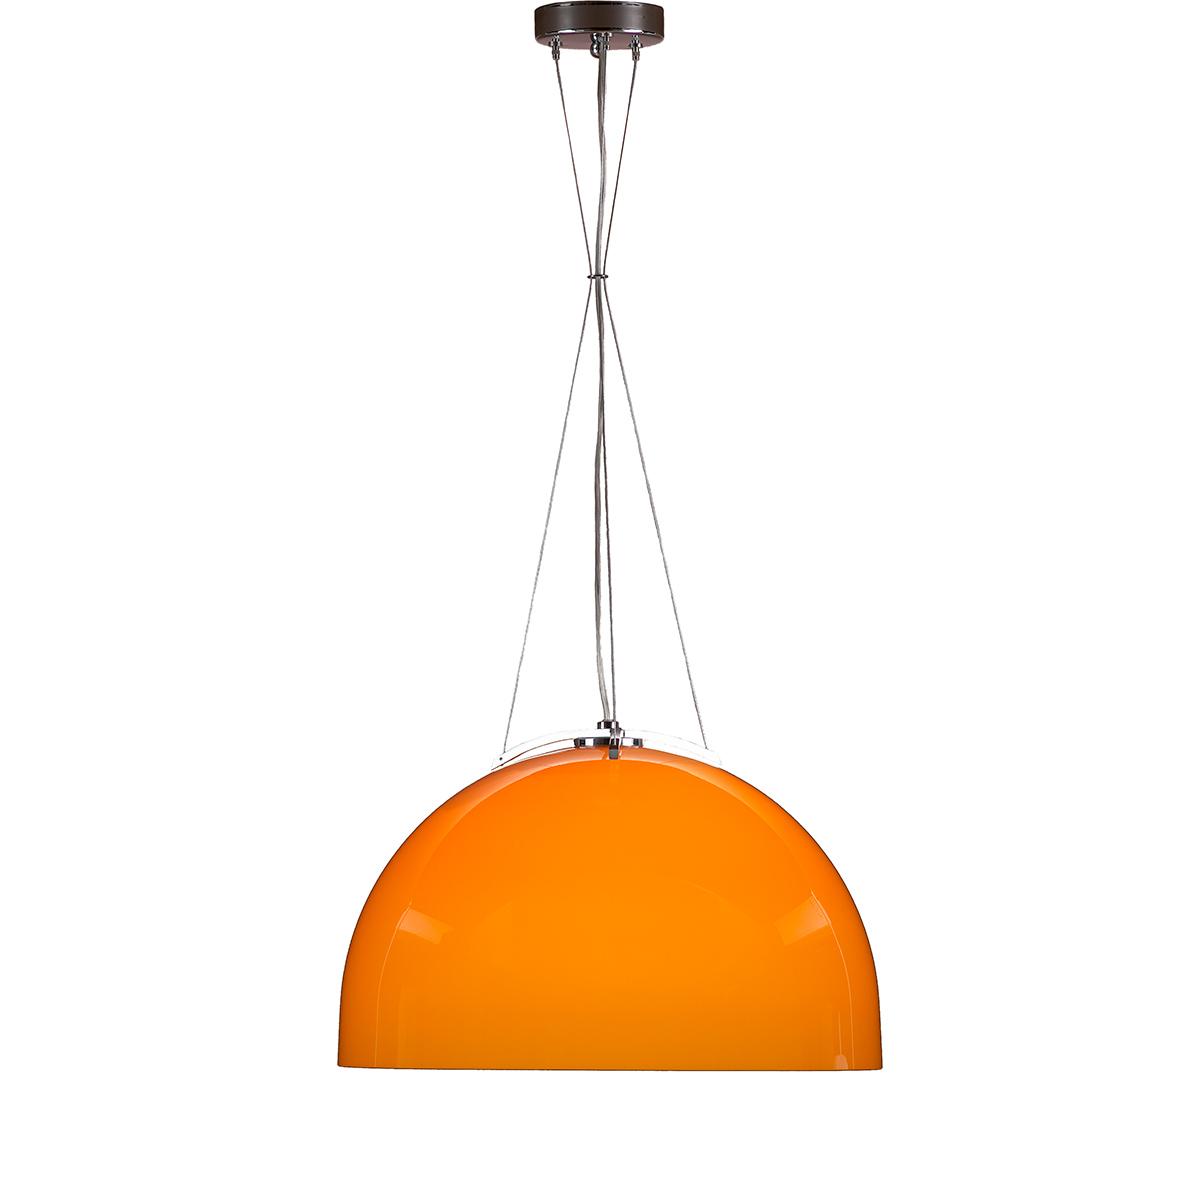 Μοντέρνο μονόφωτο Μουράνο πορτοκαλί MARS modern orange Murano suspension lamp